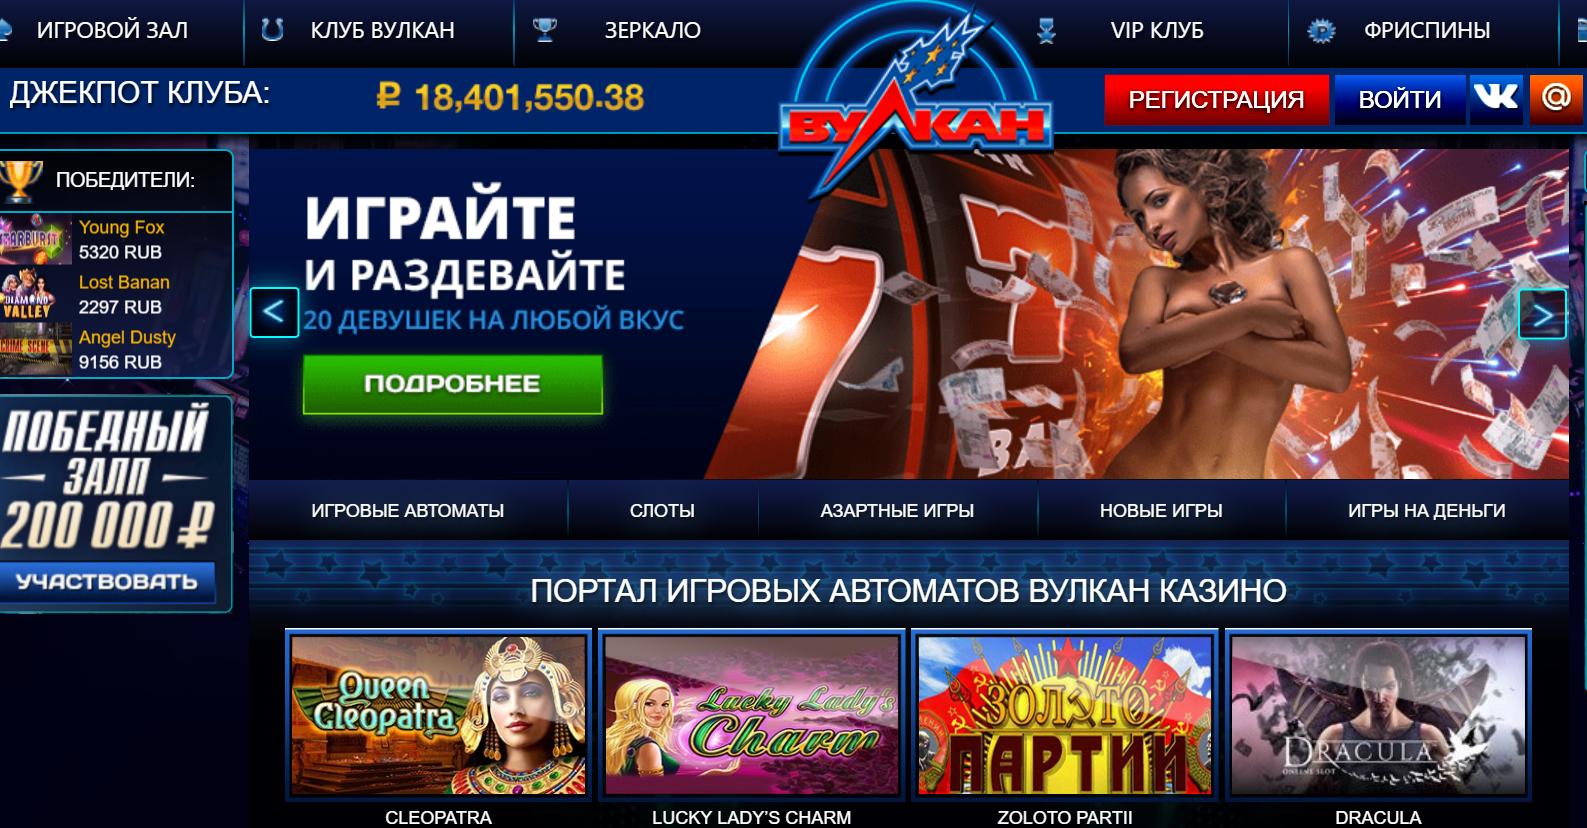 Виртуальные площадки казино Вулкан – источник невероятных эмоций!